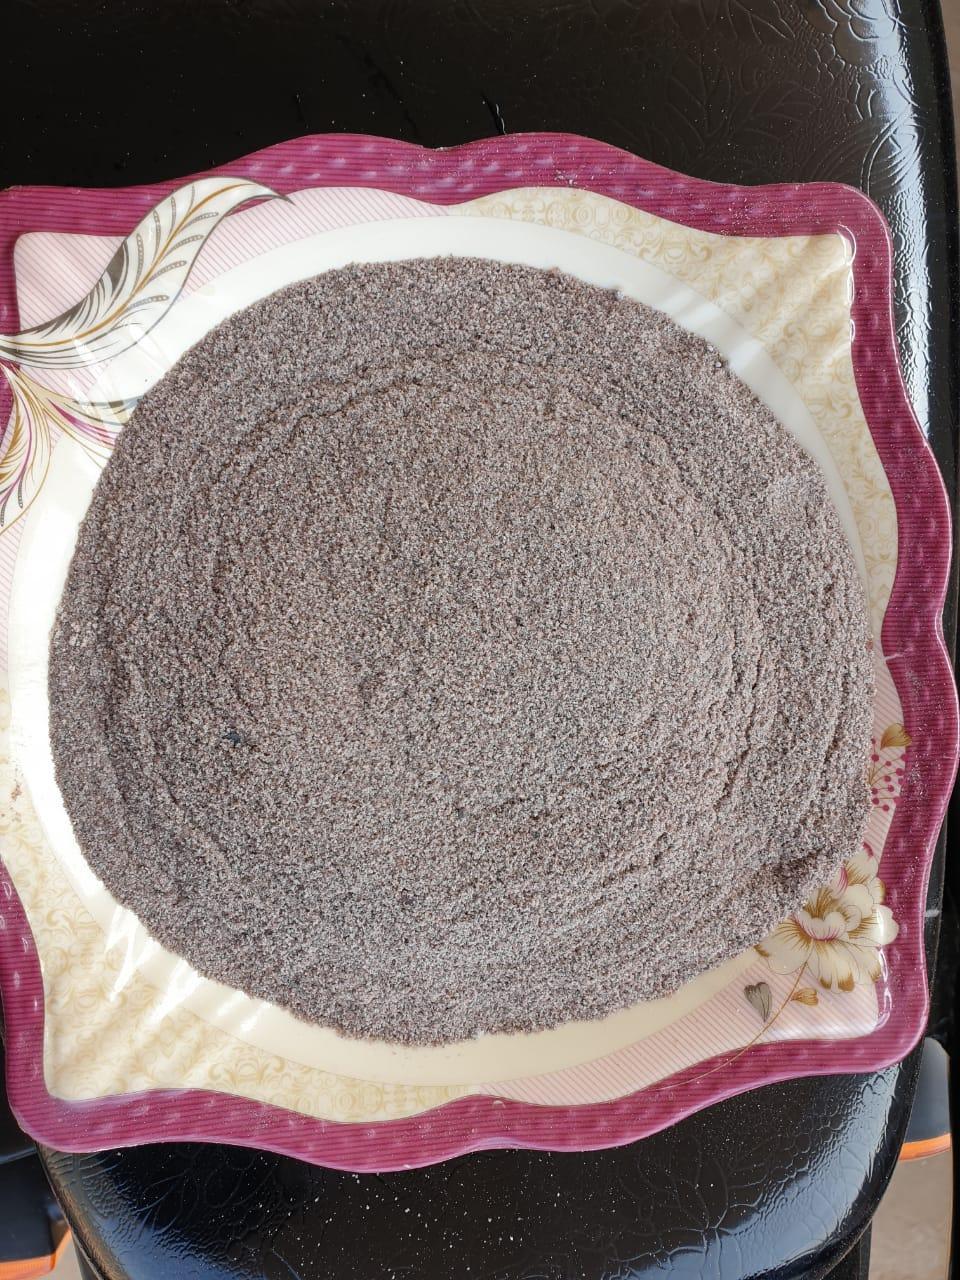 Black Edible Salt powder